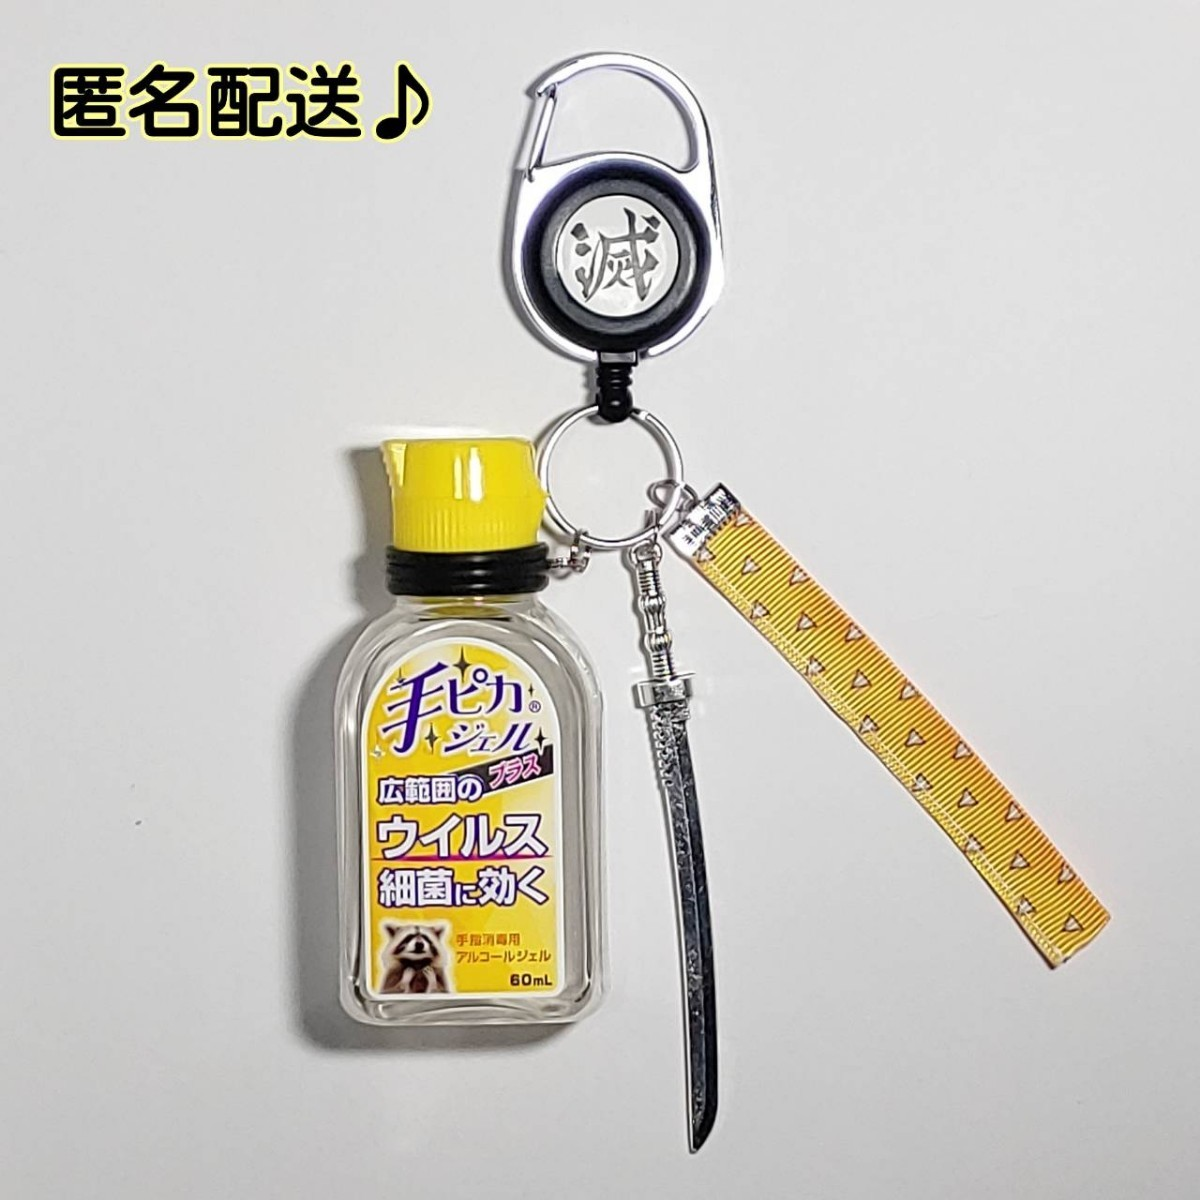 【ハンドメイド】リール式 除菌ジェルホルダー【鬼滅の刀、善逸】